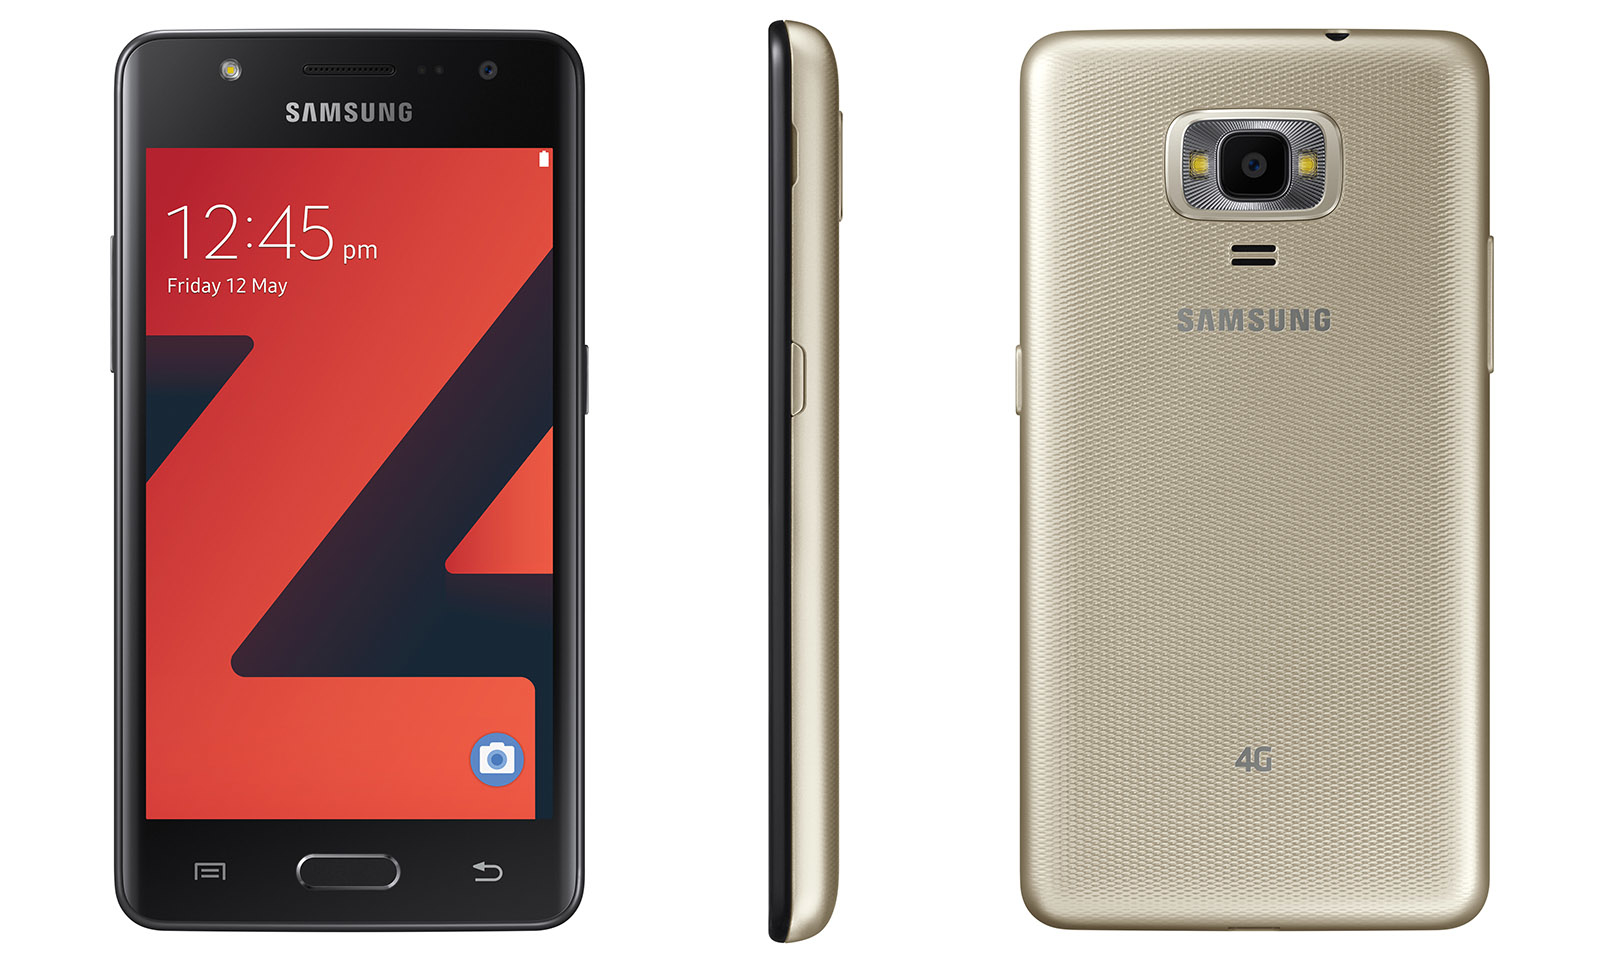 سامسونج تكشف عن هاتفها الجديد Z4 بنظام تشغيل Tizen يستهدف الطبقه المتوسطه